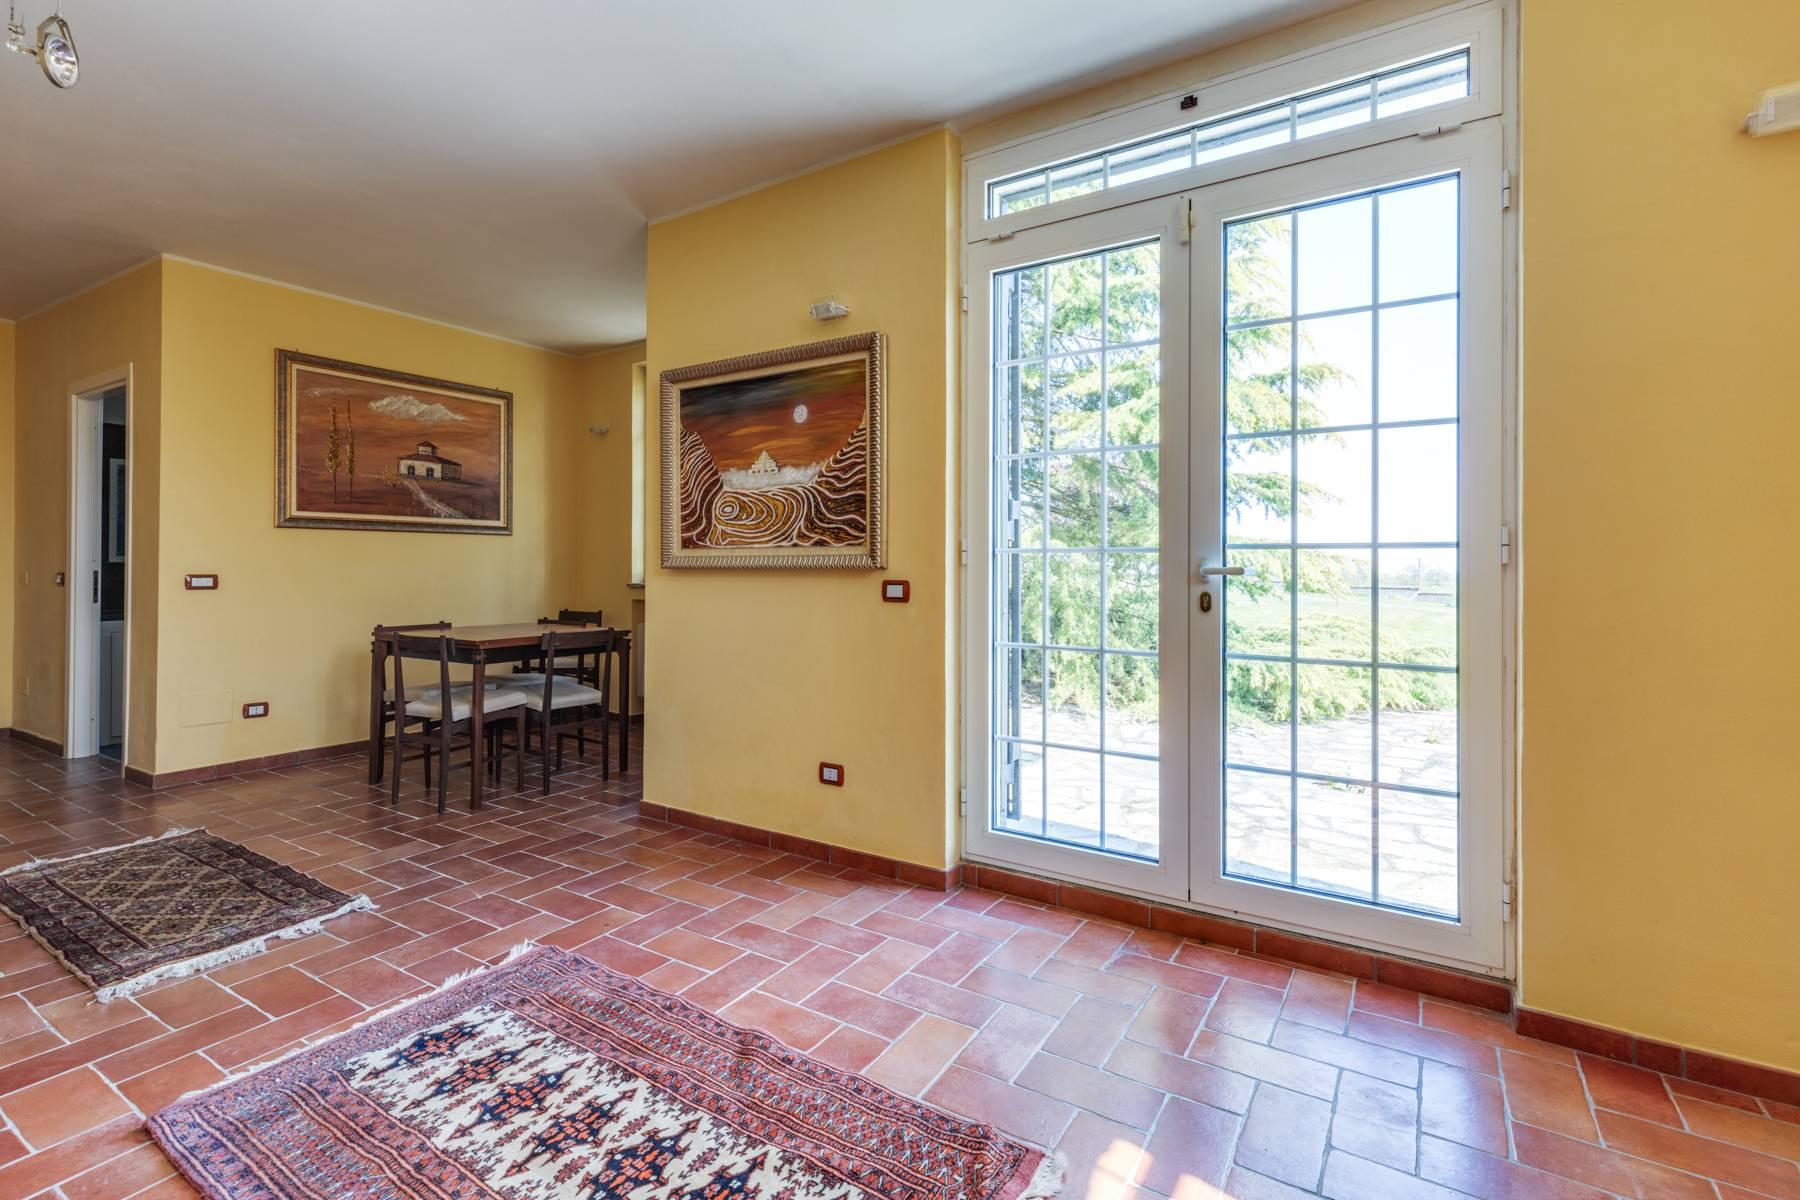 Villa in Vendita a Gazzola: 5 locali, 430 mq - Foto 22